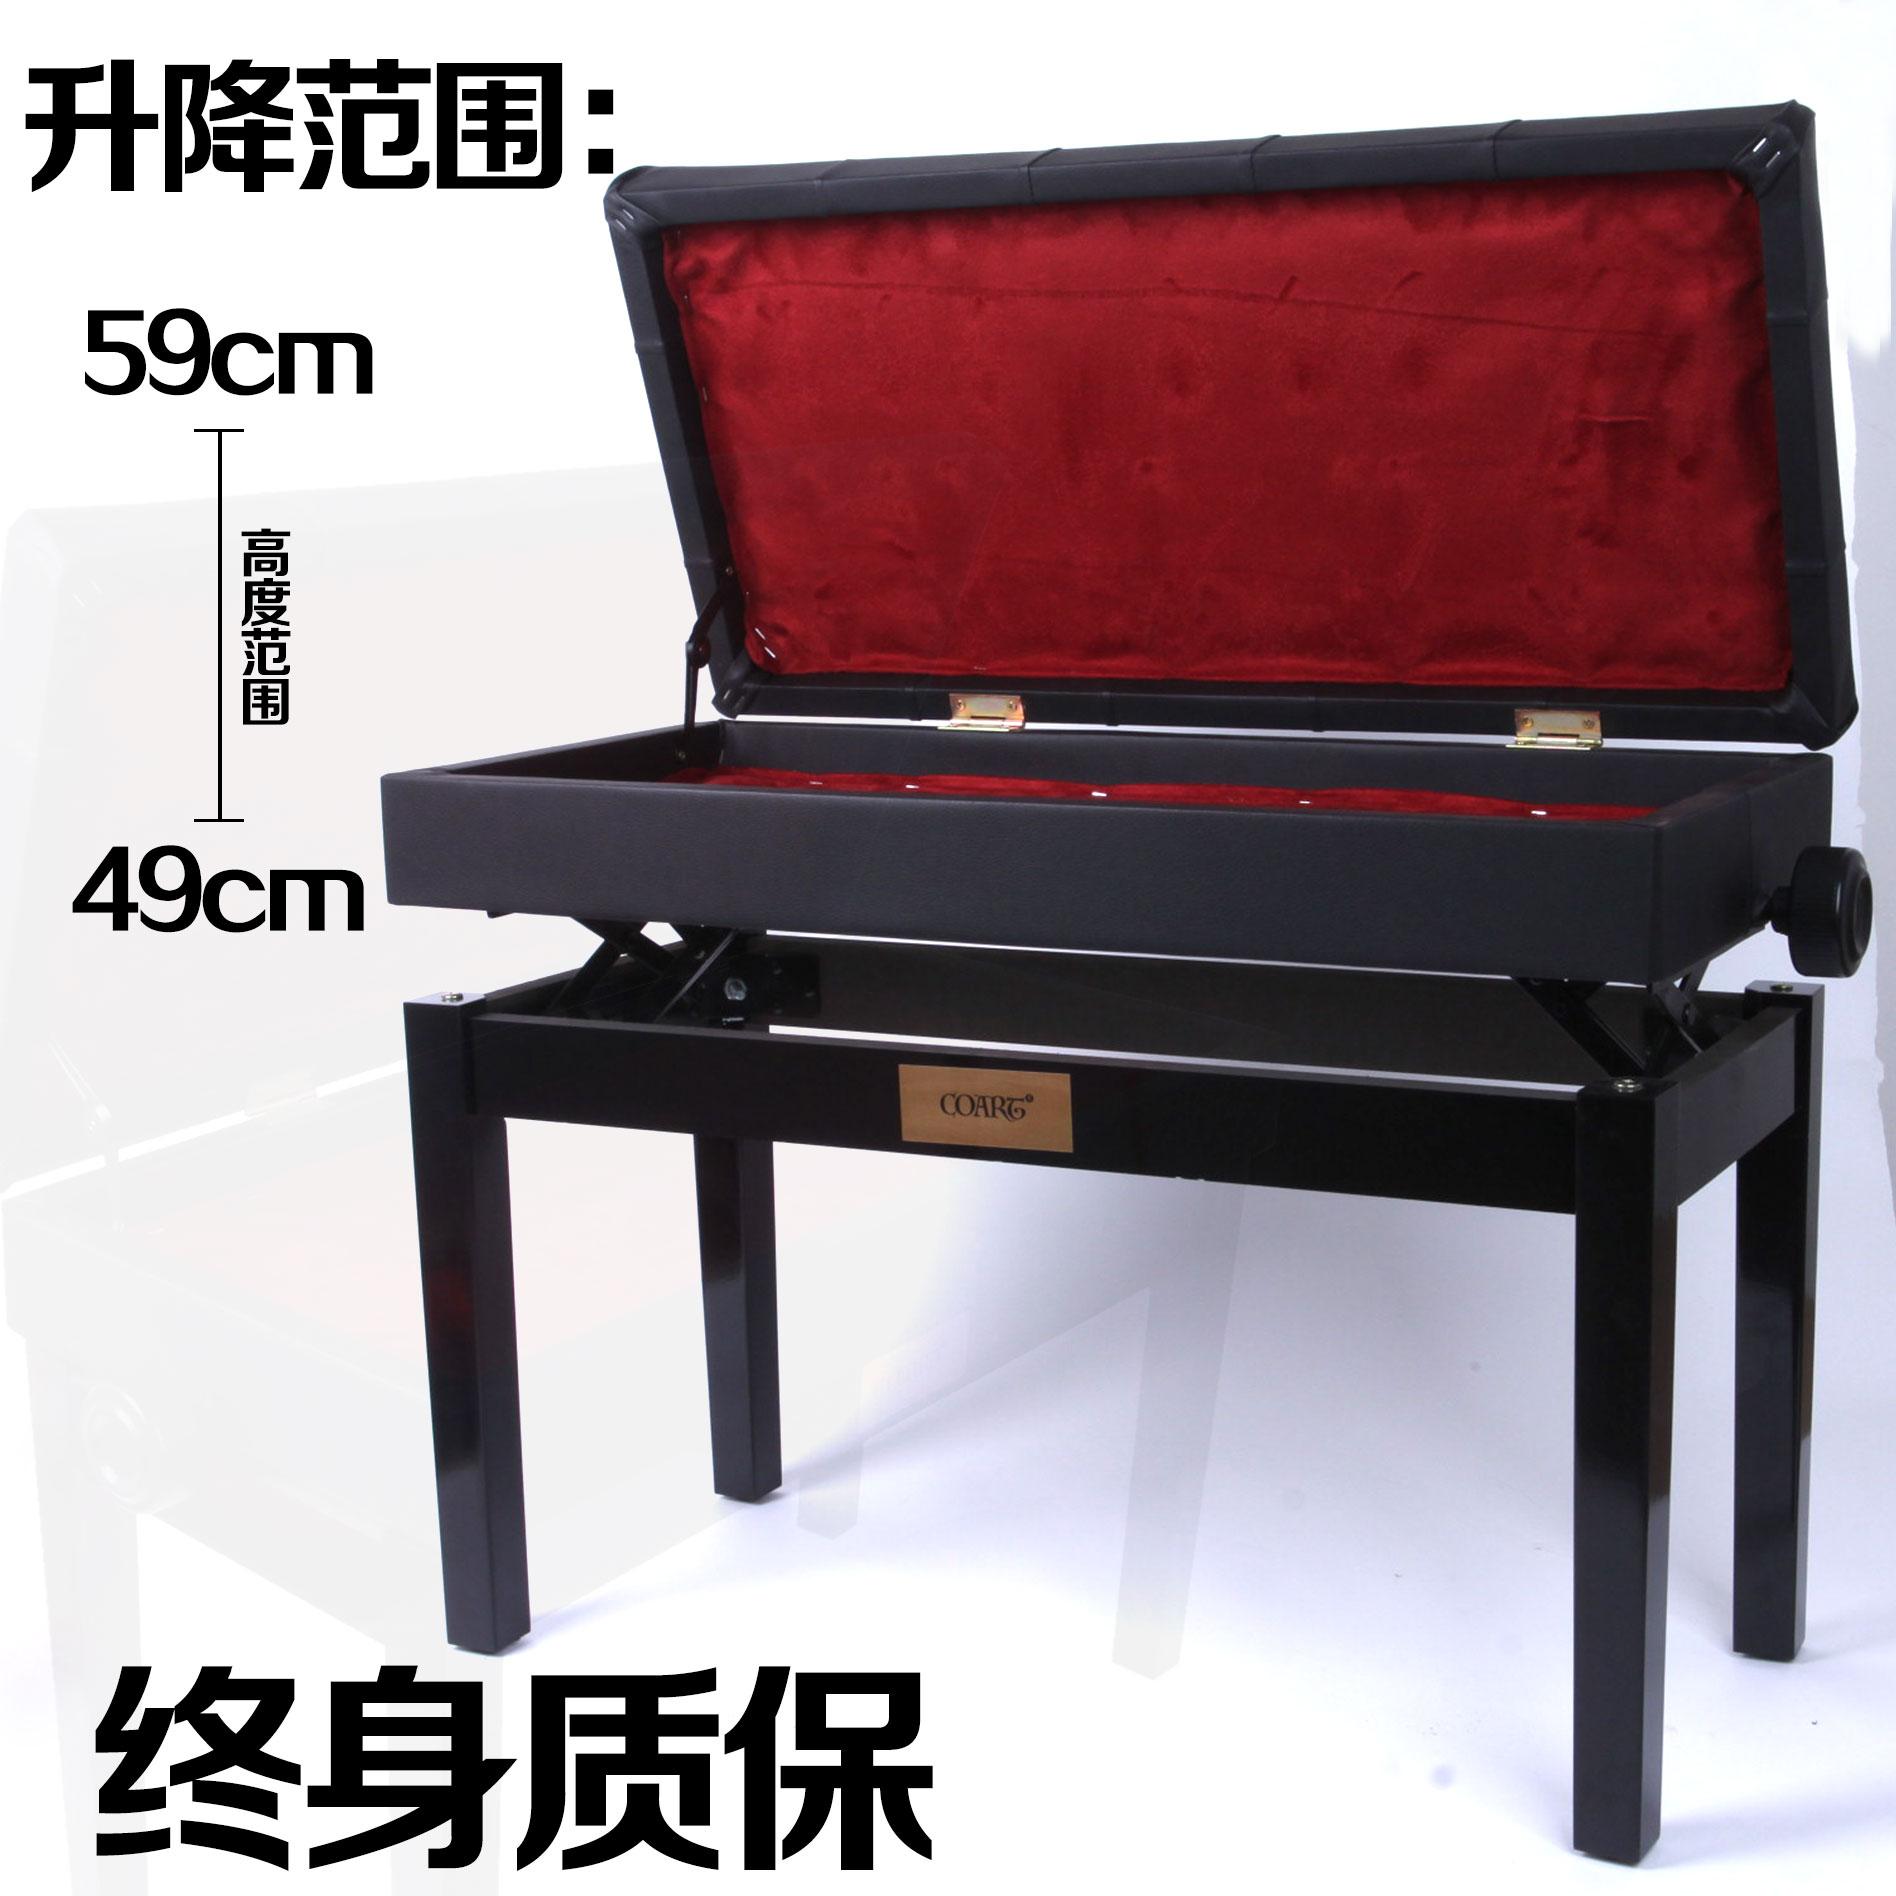 купить стул для фортепиано недорого в калининграде должен подчеркивать